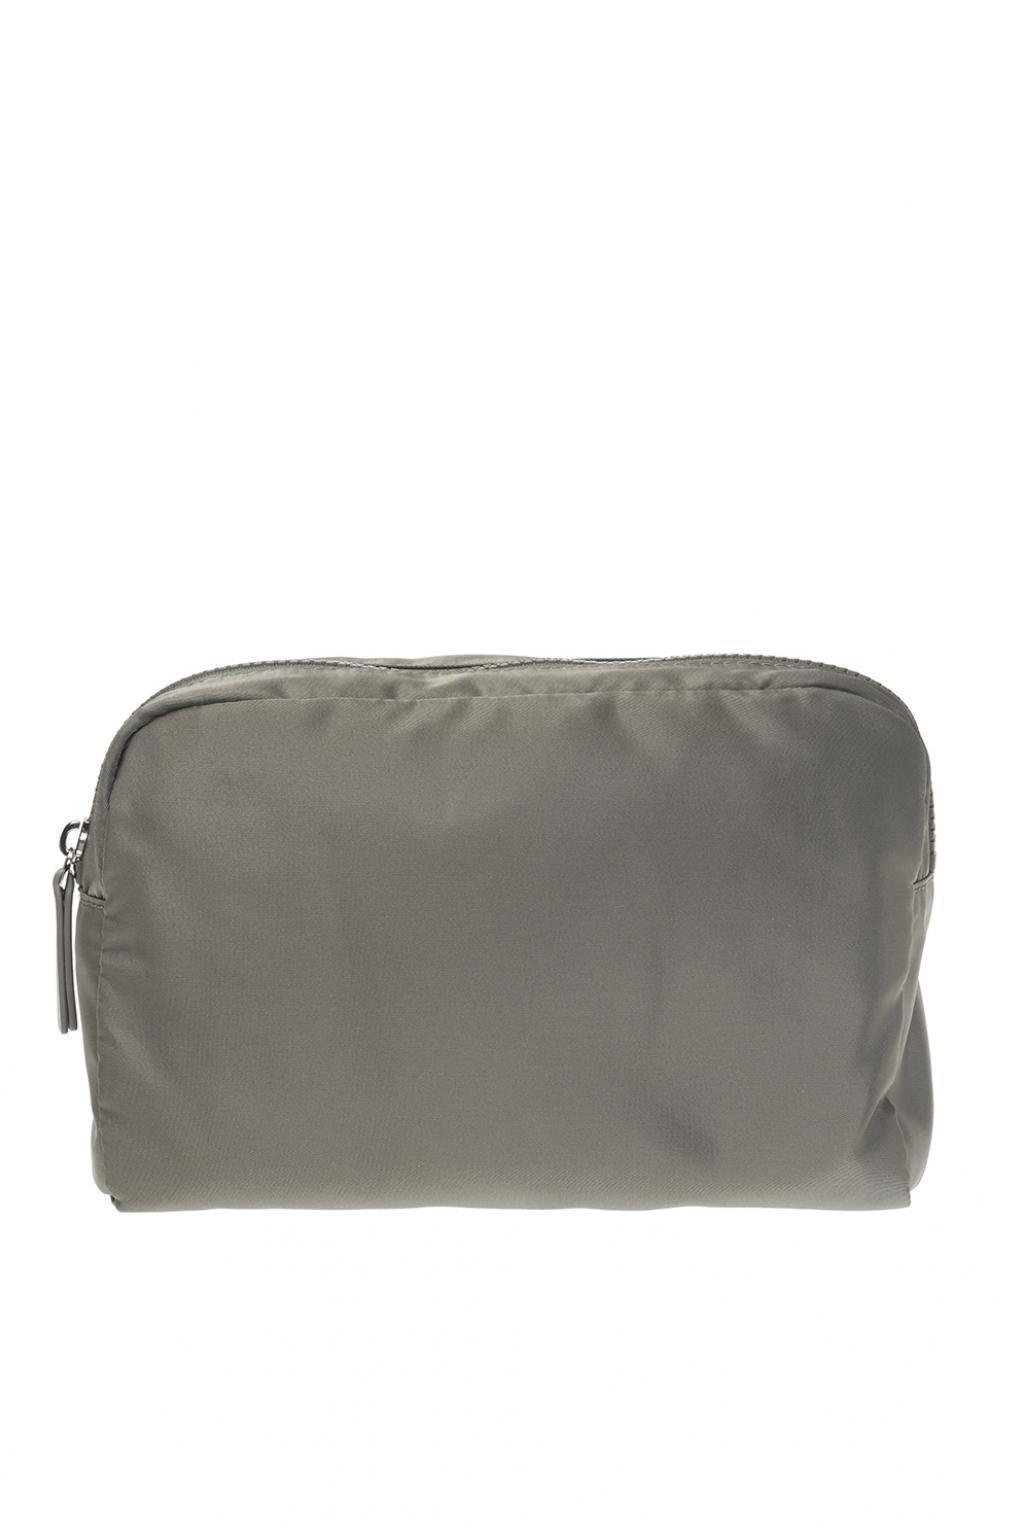 ca6a7ea70057 Lyst - Emporio Armani Branded Wash Bag in Gray for Men